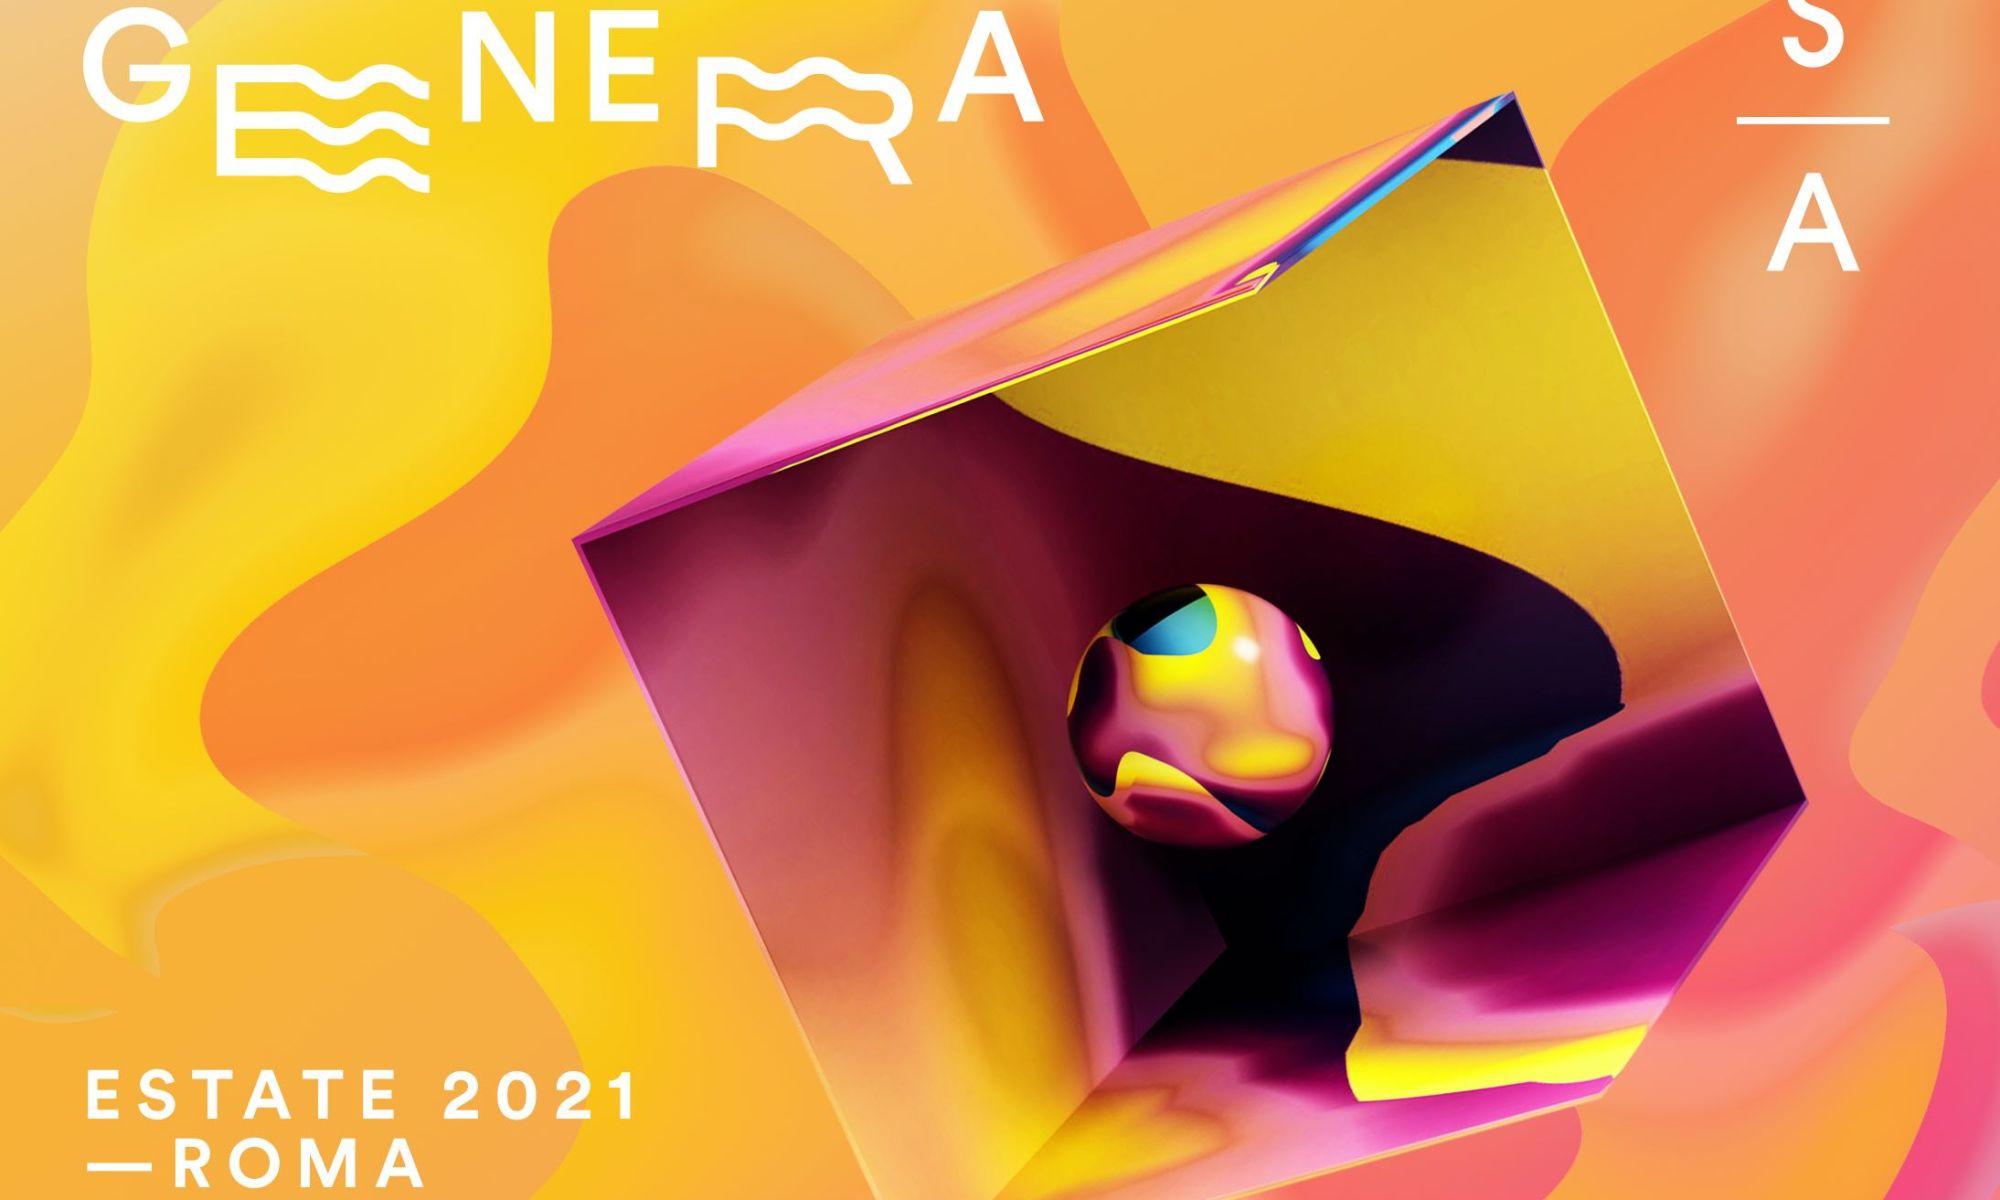 cubo-sfera-genera-estate-2021-roma